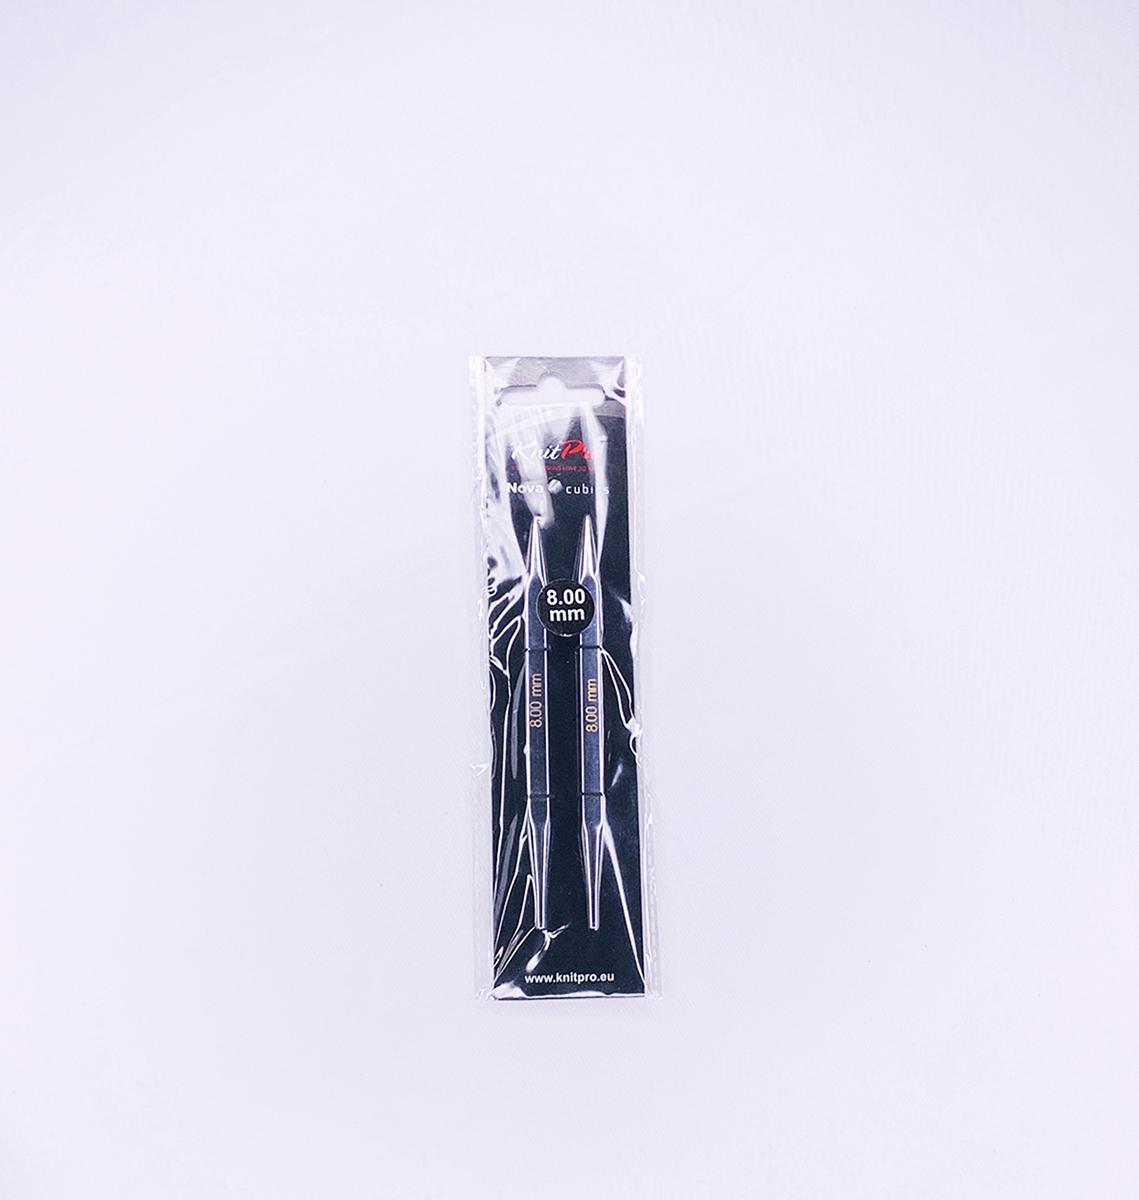 【Nova Cubics】☆付け替え可能輪針 ノーマル ニットプロ/ノバ・キュービックス